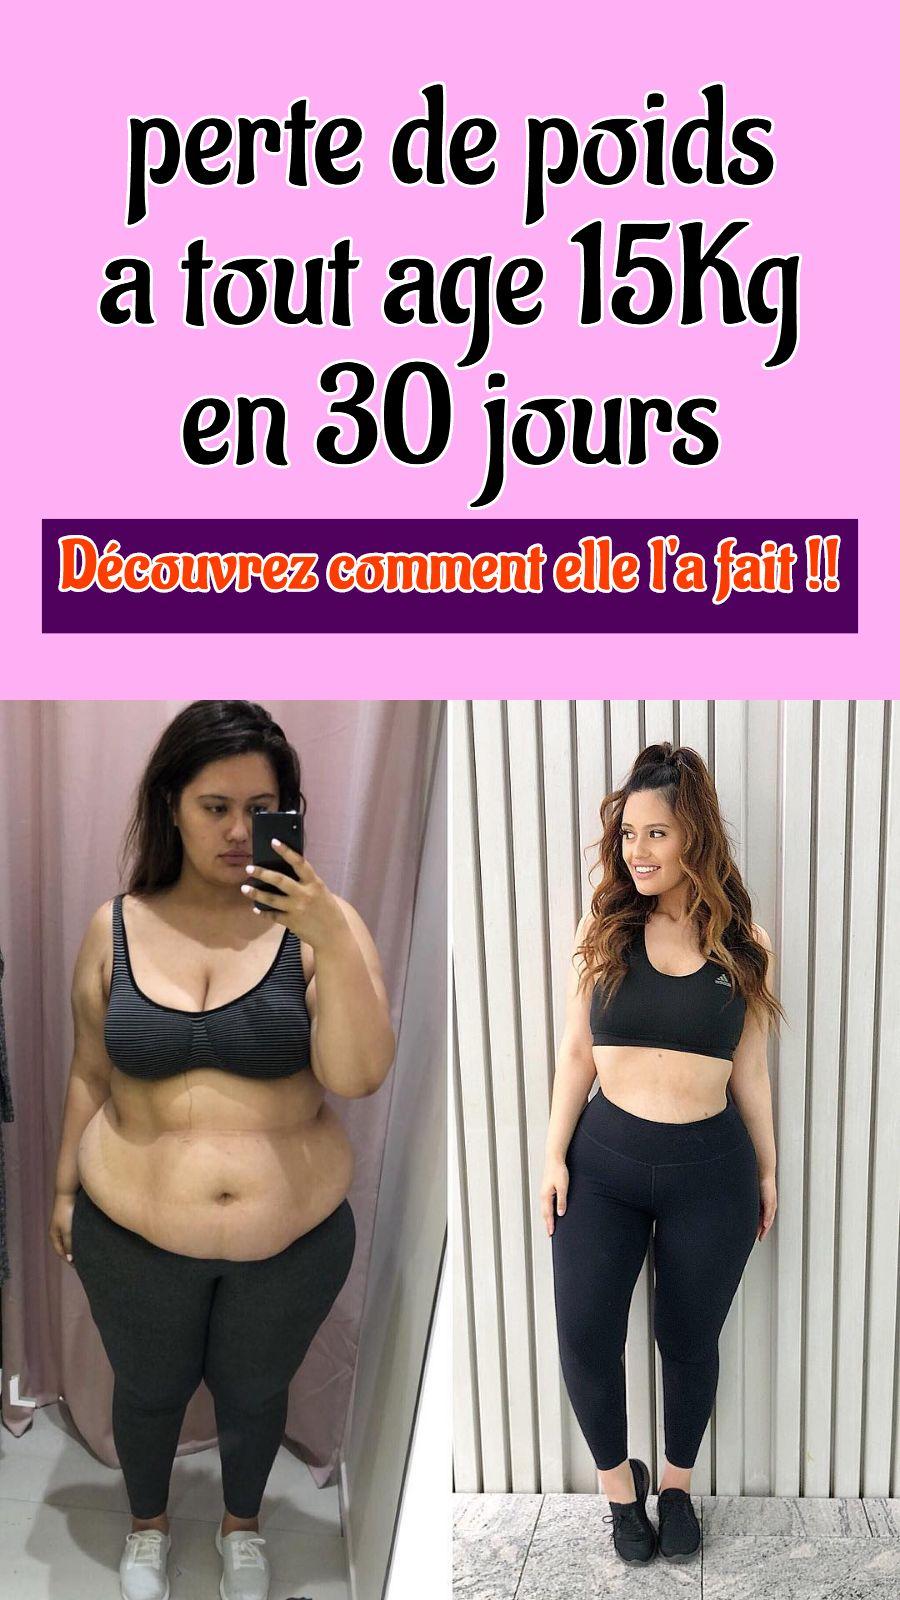 rj shruti perte de poids comment perdre de la graisse de votre ventre